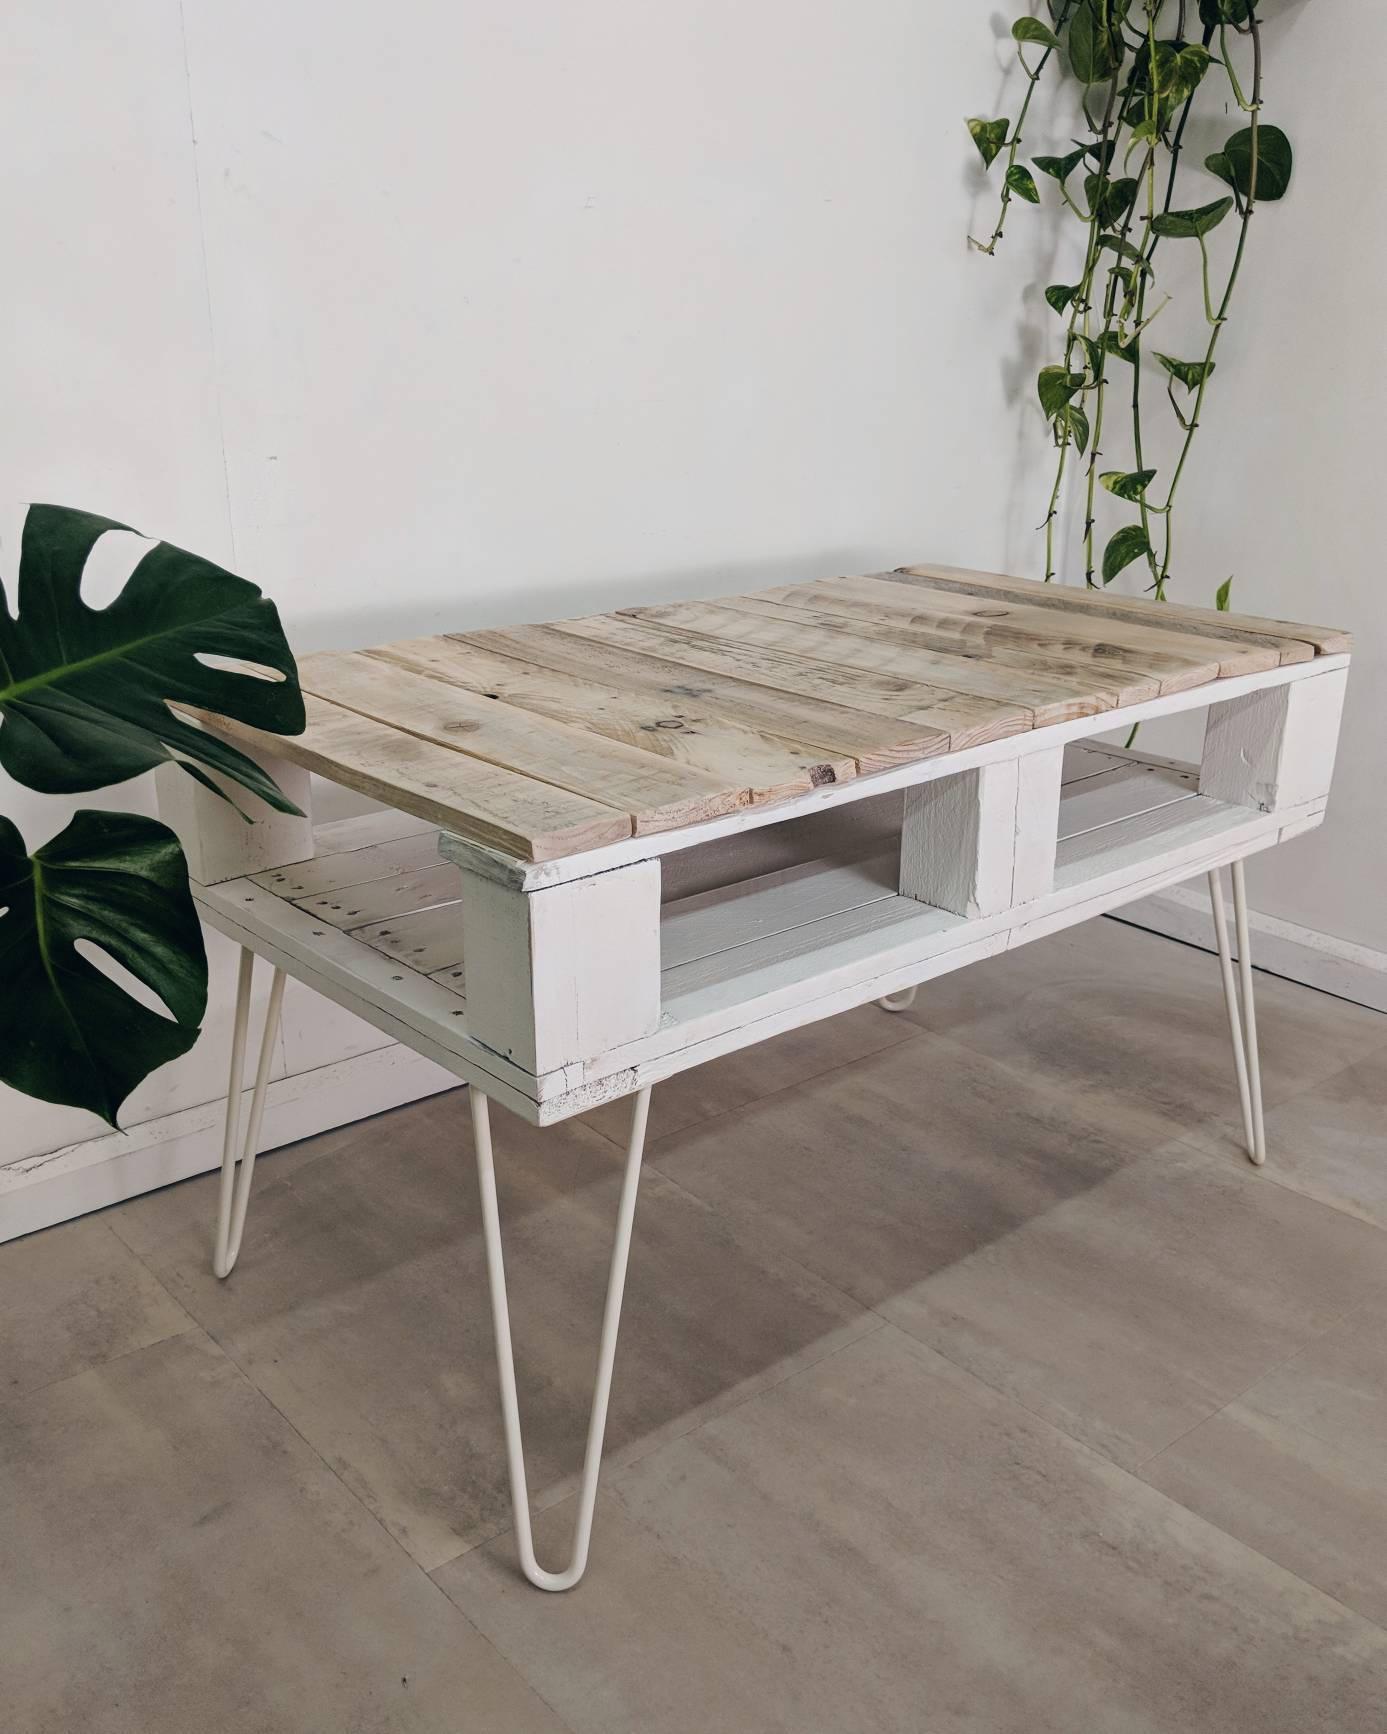 Reclaimed Pallet Coffee Table LEMMIK Single Deck in Farmhouse